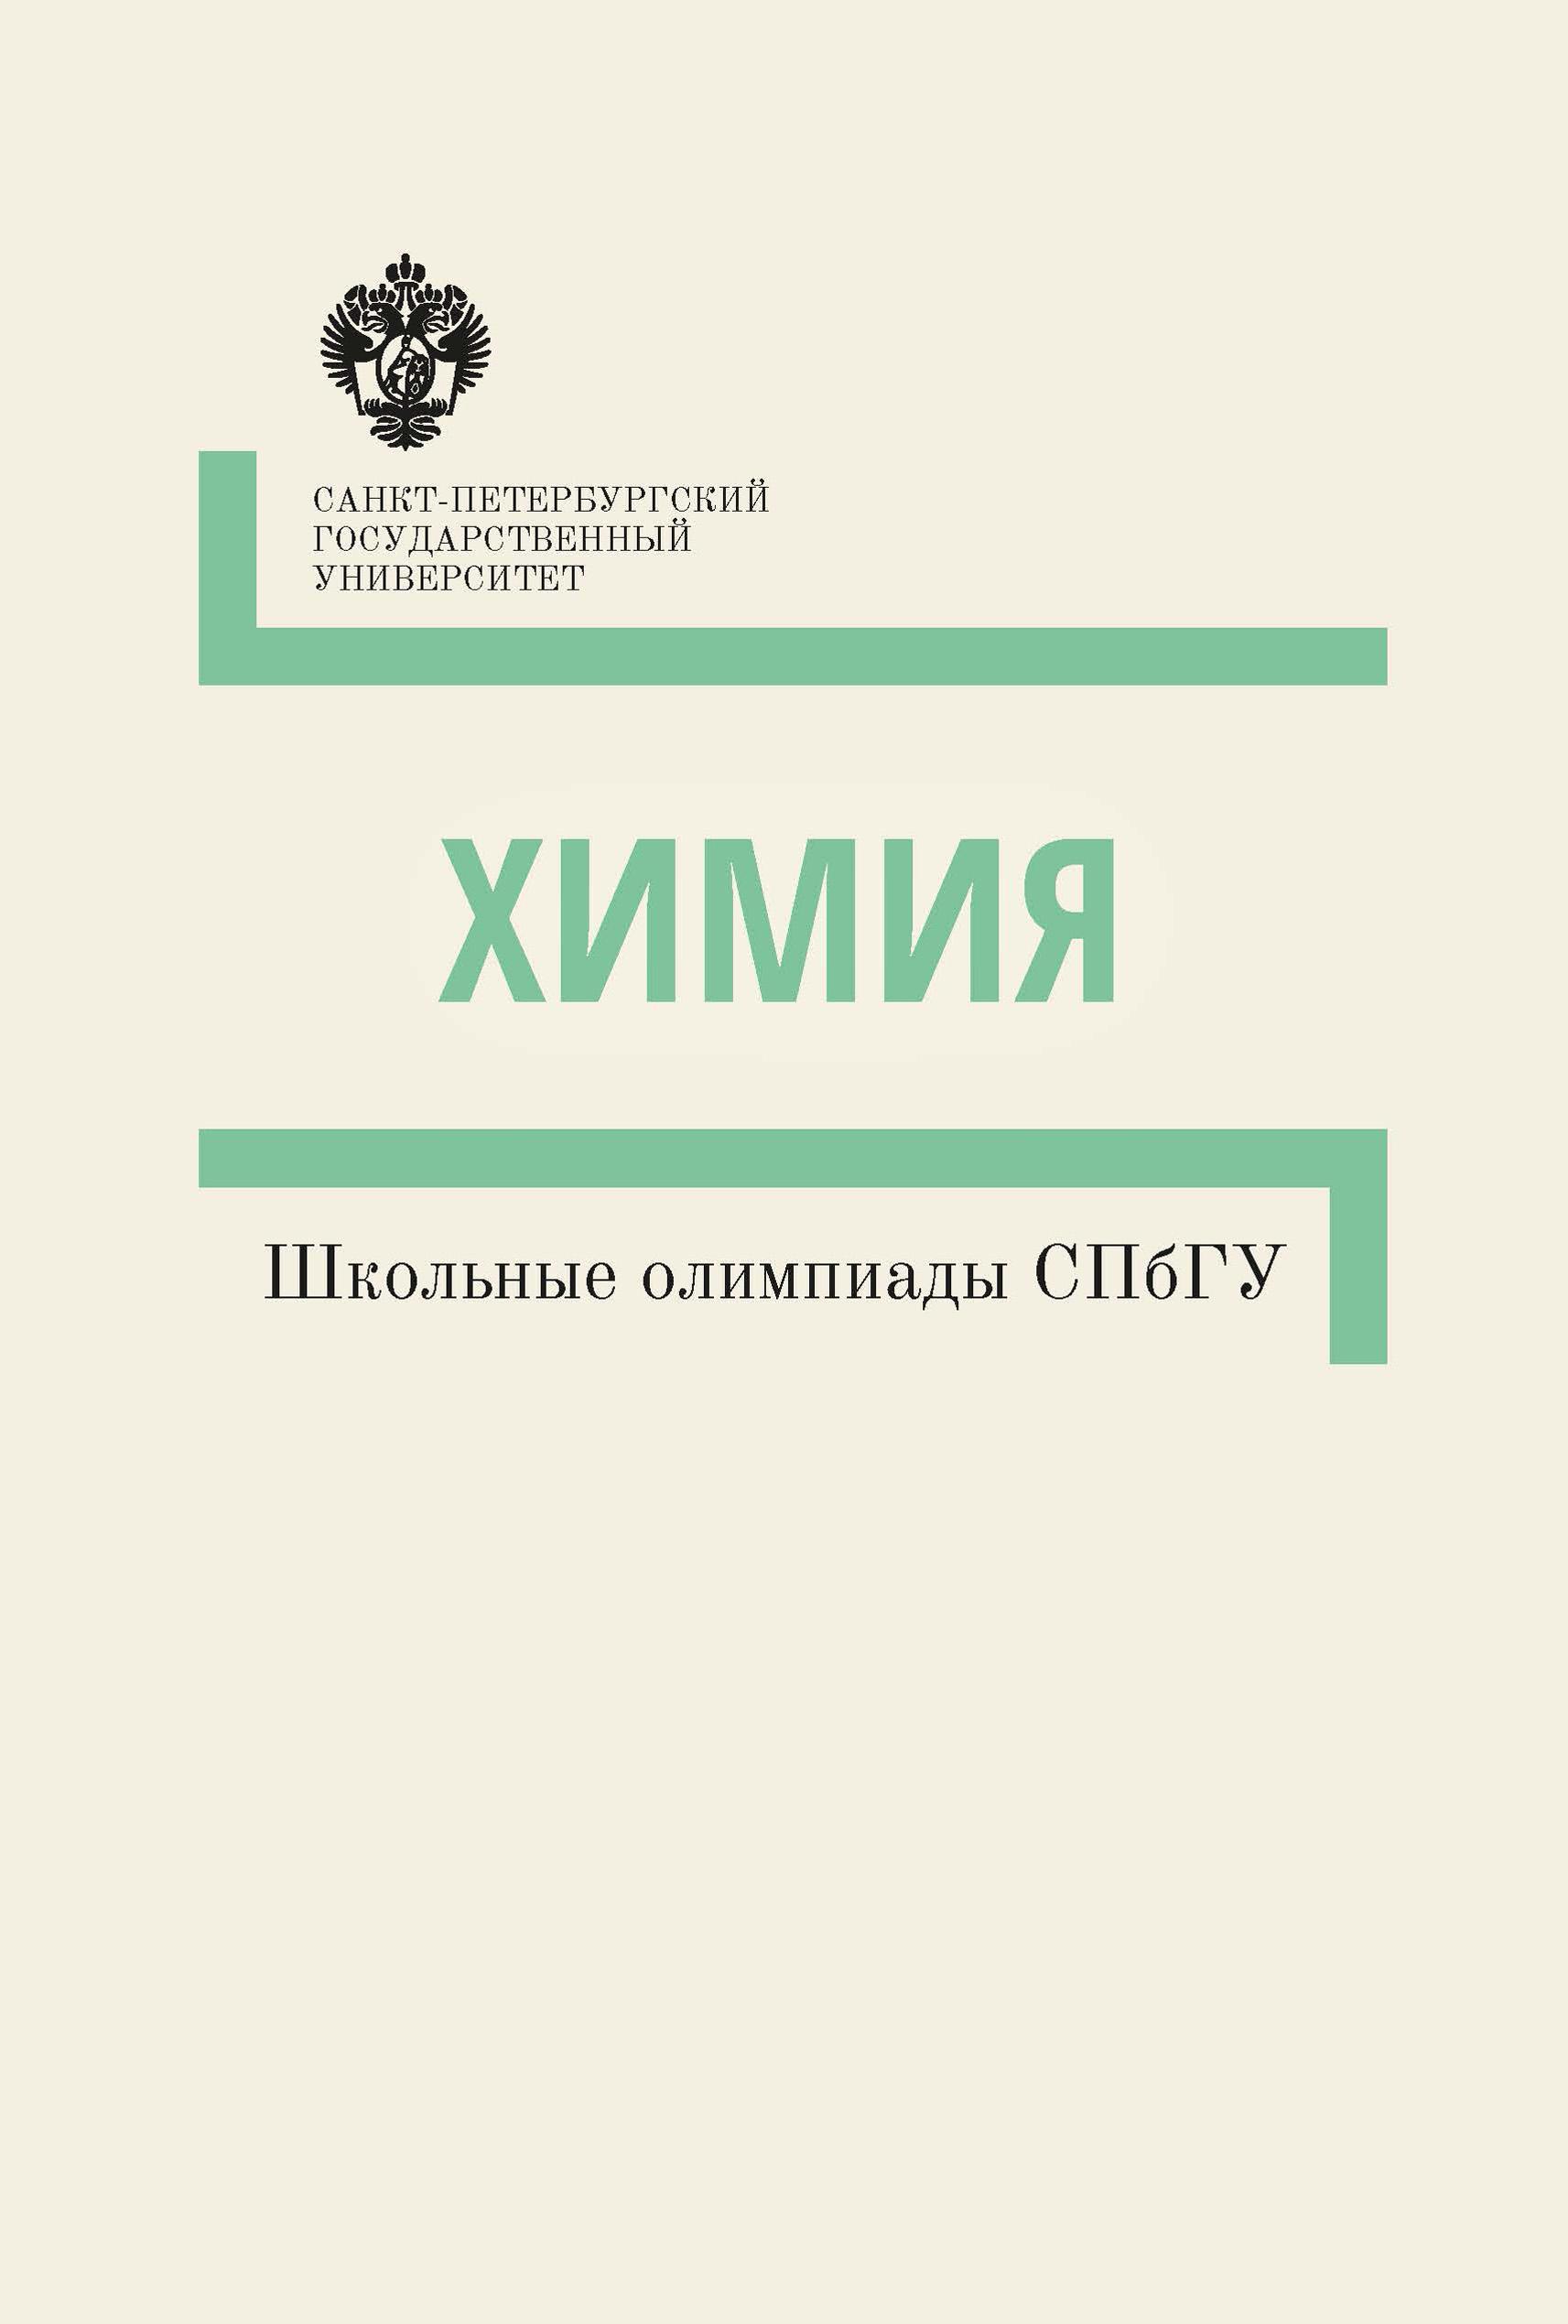 Химия. Школьные олимпиады СПбГУ. Методические указания